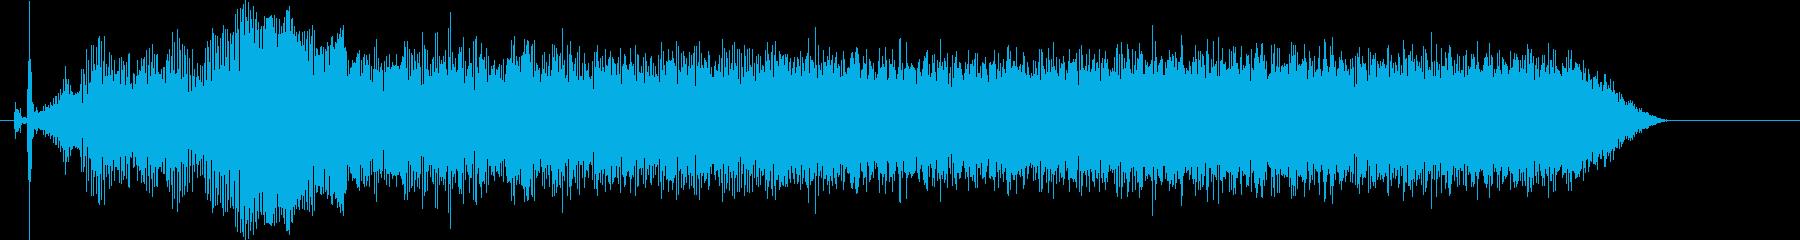 ハンドミキサーを使用した時の音です。の再生済みの波形